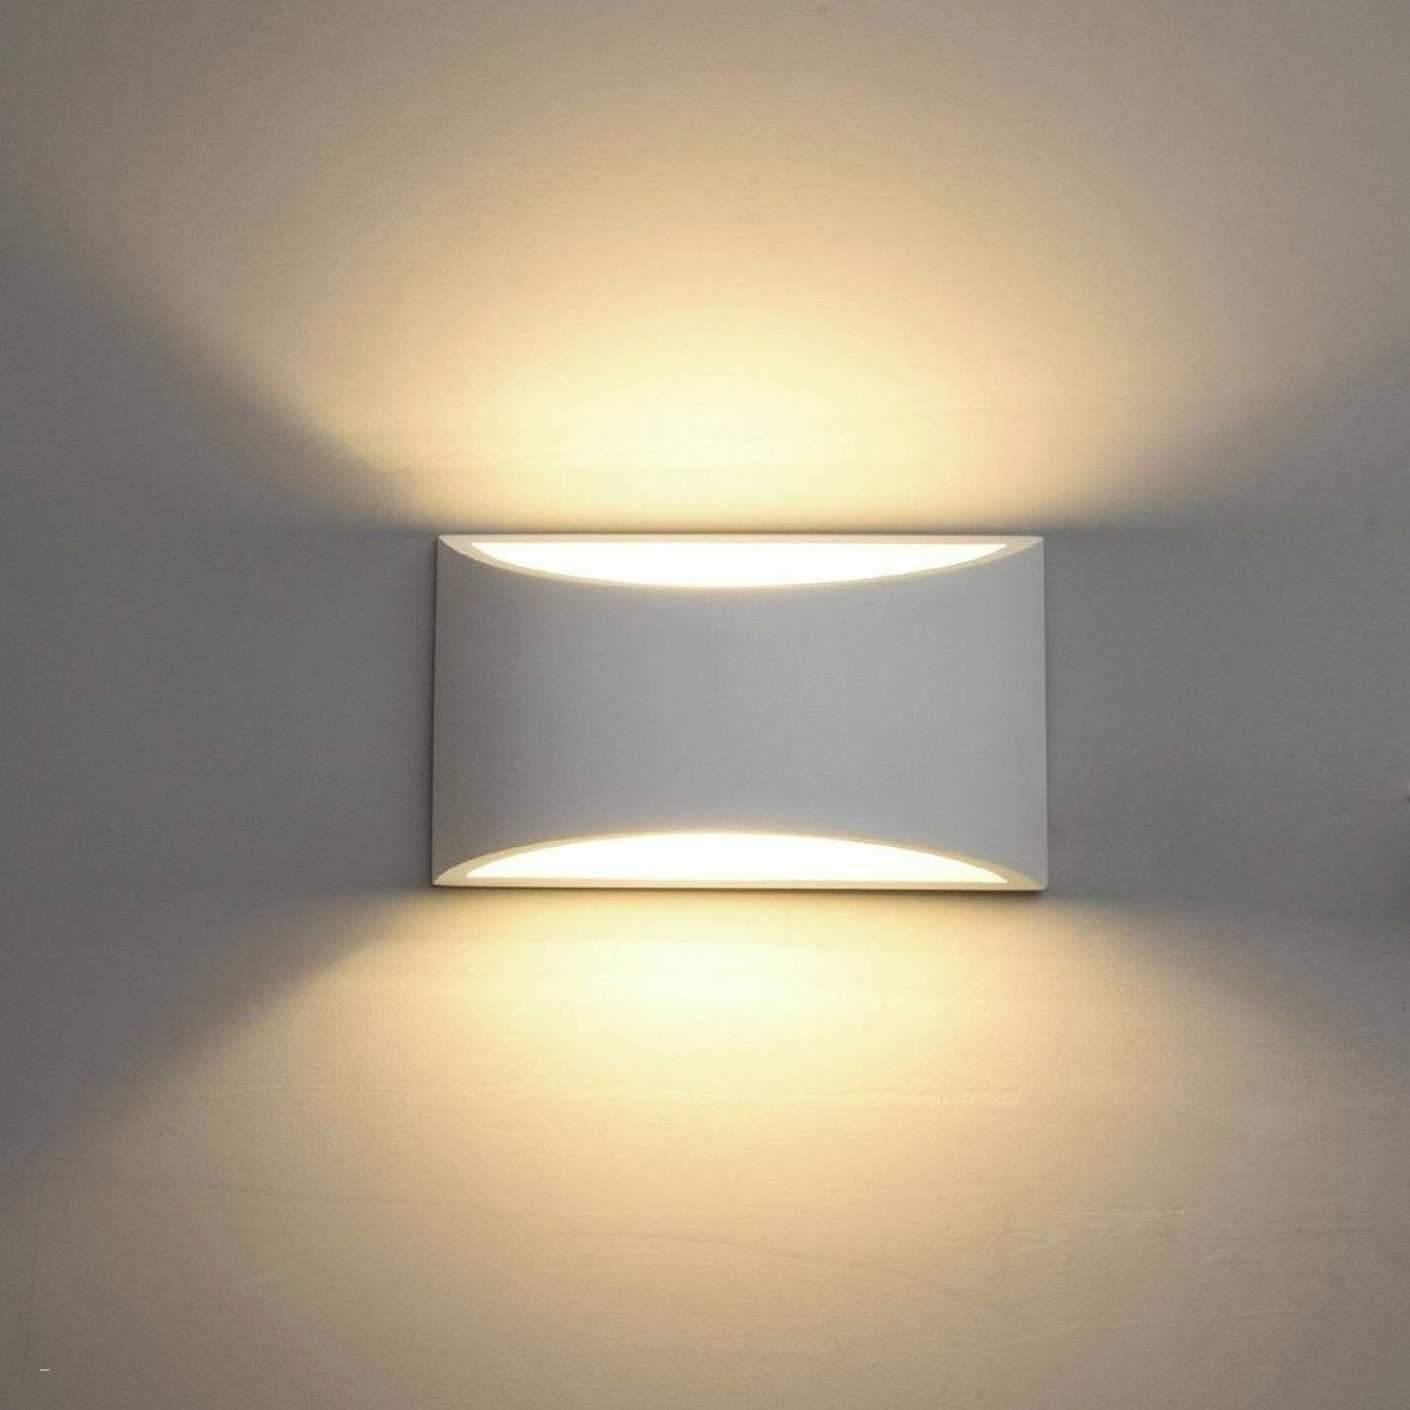 Full Size of Schlafzimmer Sessel Deckenlampen Für Wohnzimmer Stuhl Deckenlampe Lampen Schränke Kommode Günstige Teppich Komplett Poco Wandleuchte Mit Lattenrost Und Schlafzimmer Lampen Schlafzimmer